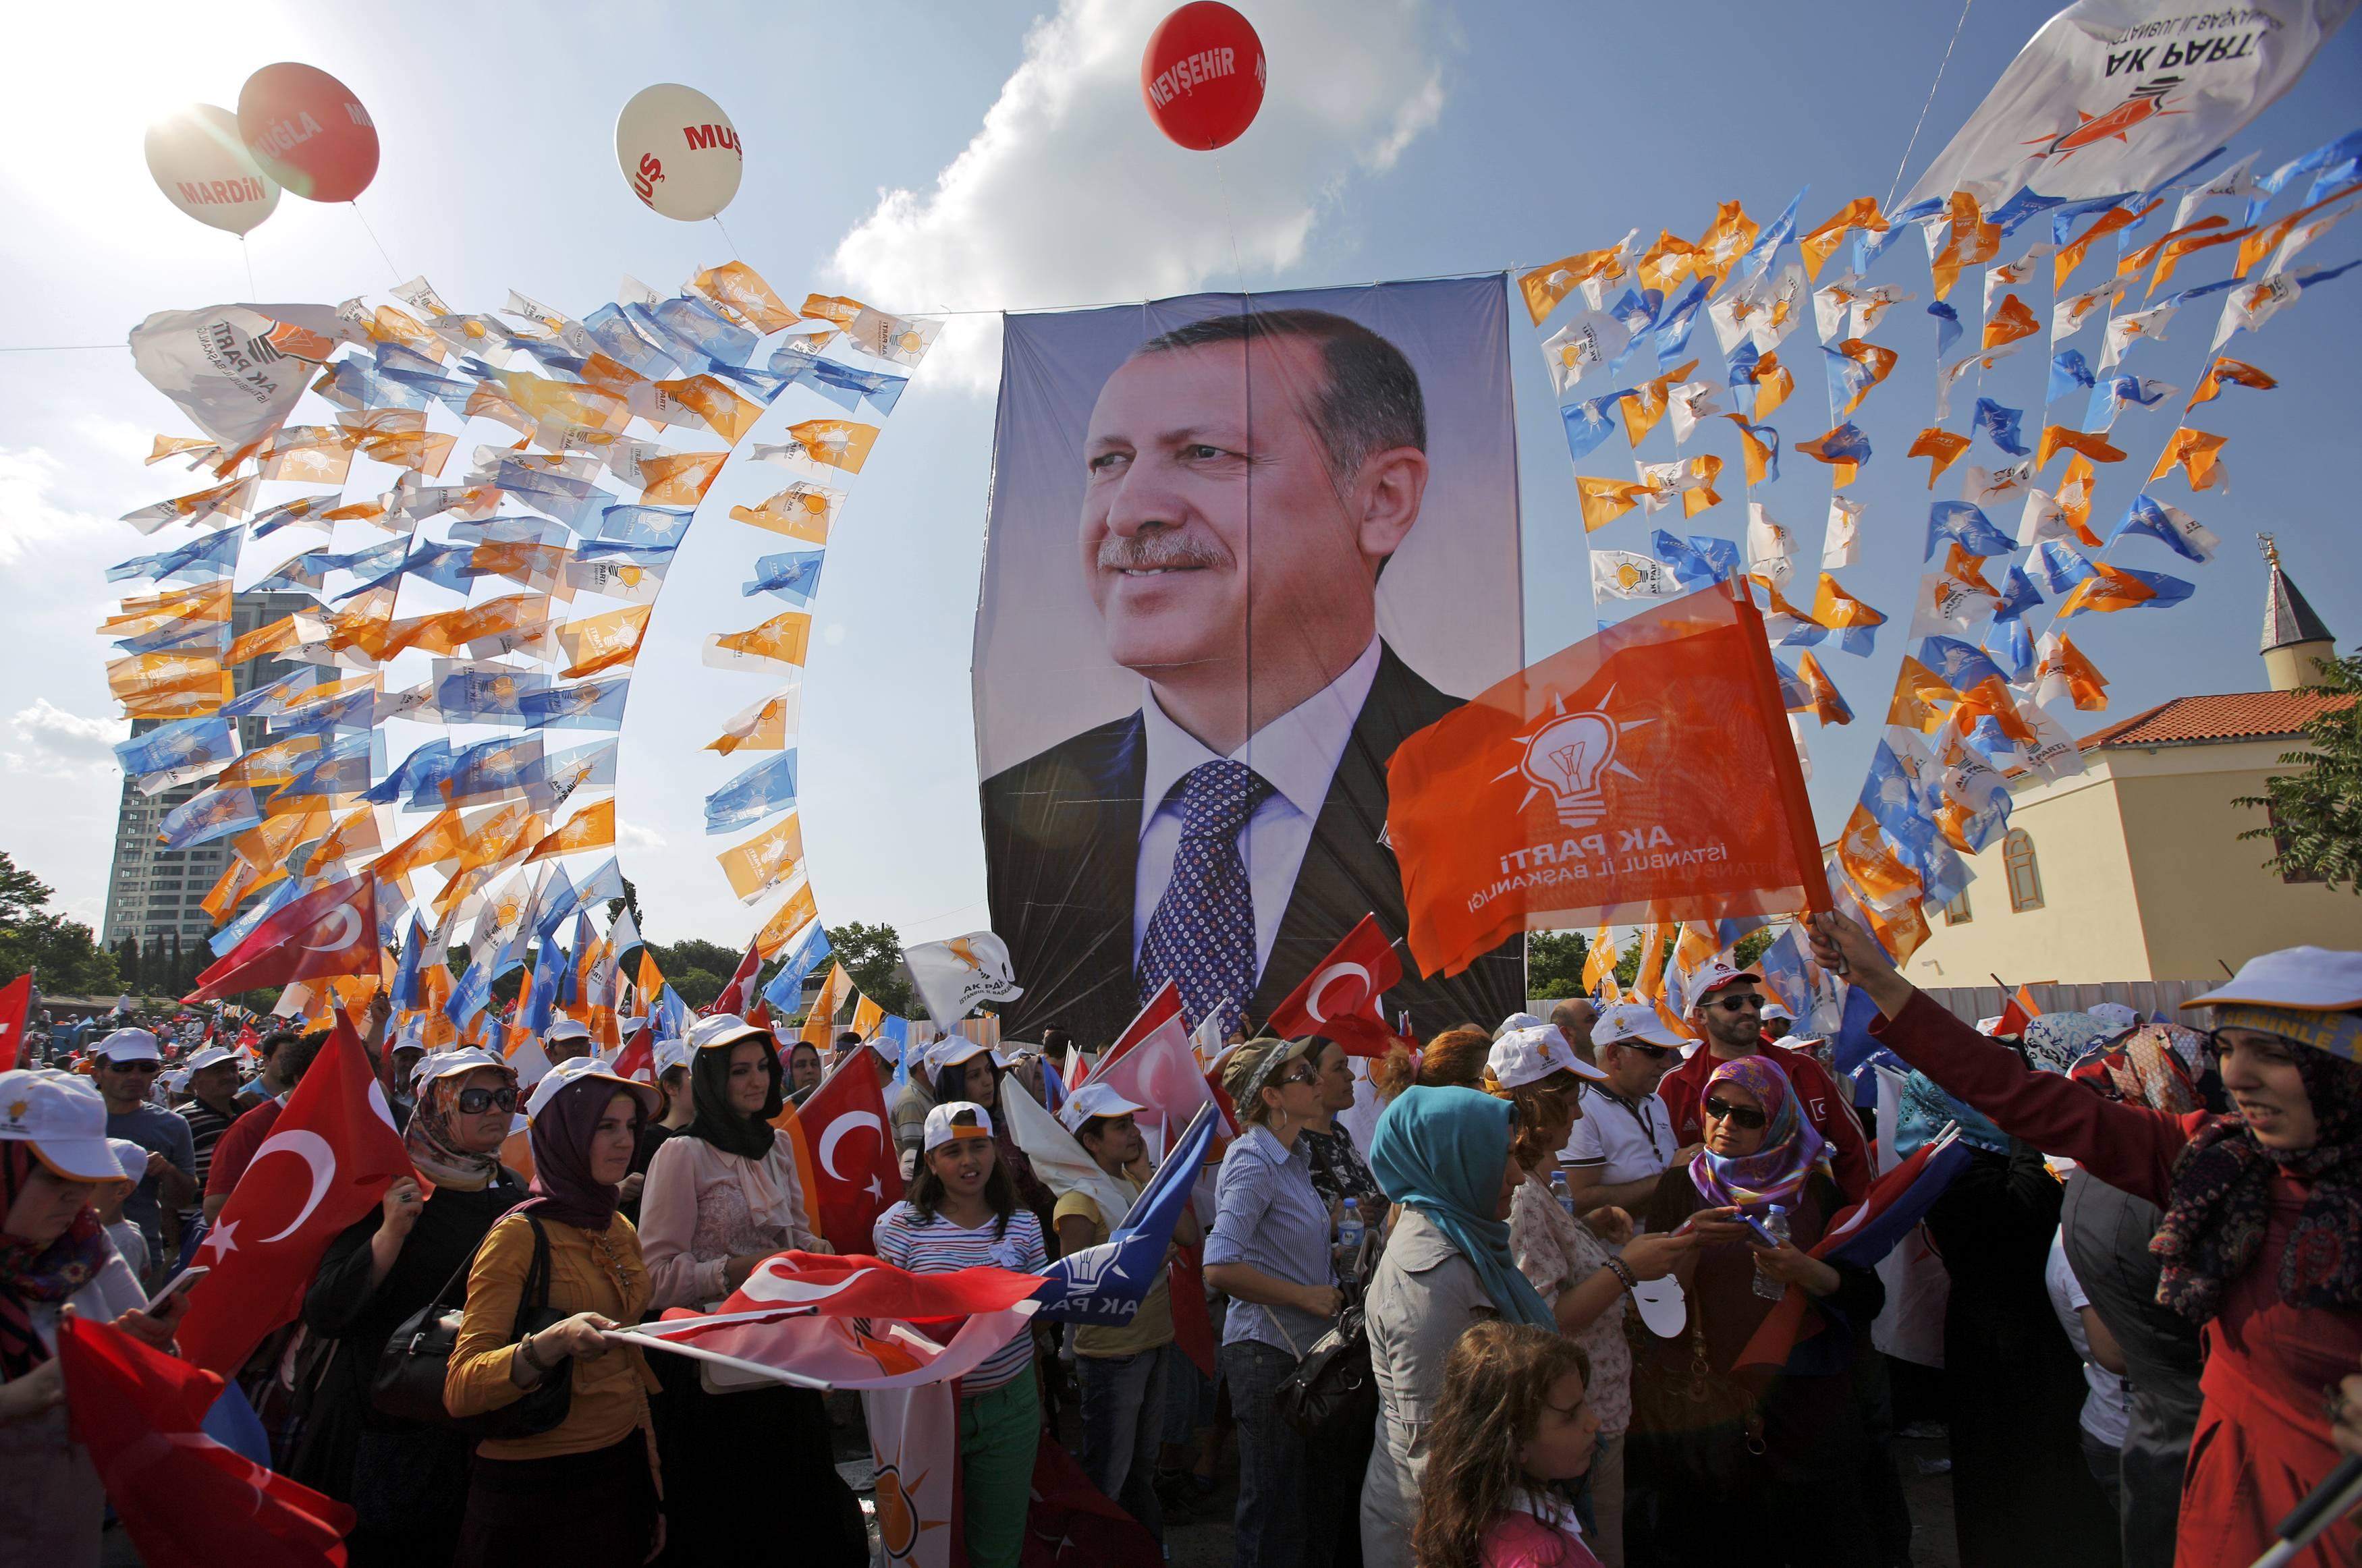 Crédit Murad Sezer / REUTERS